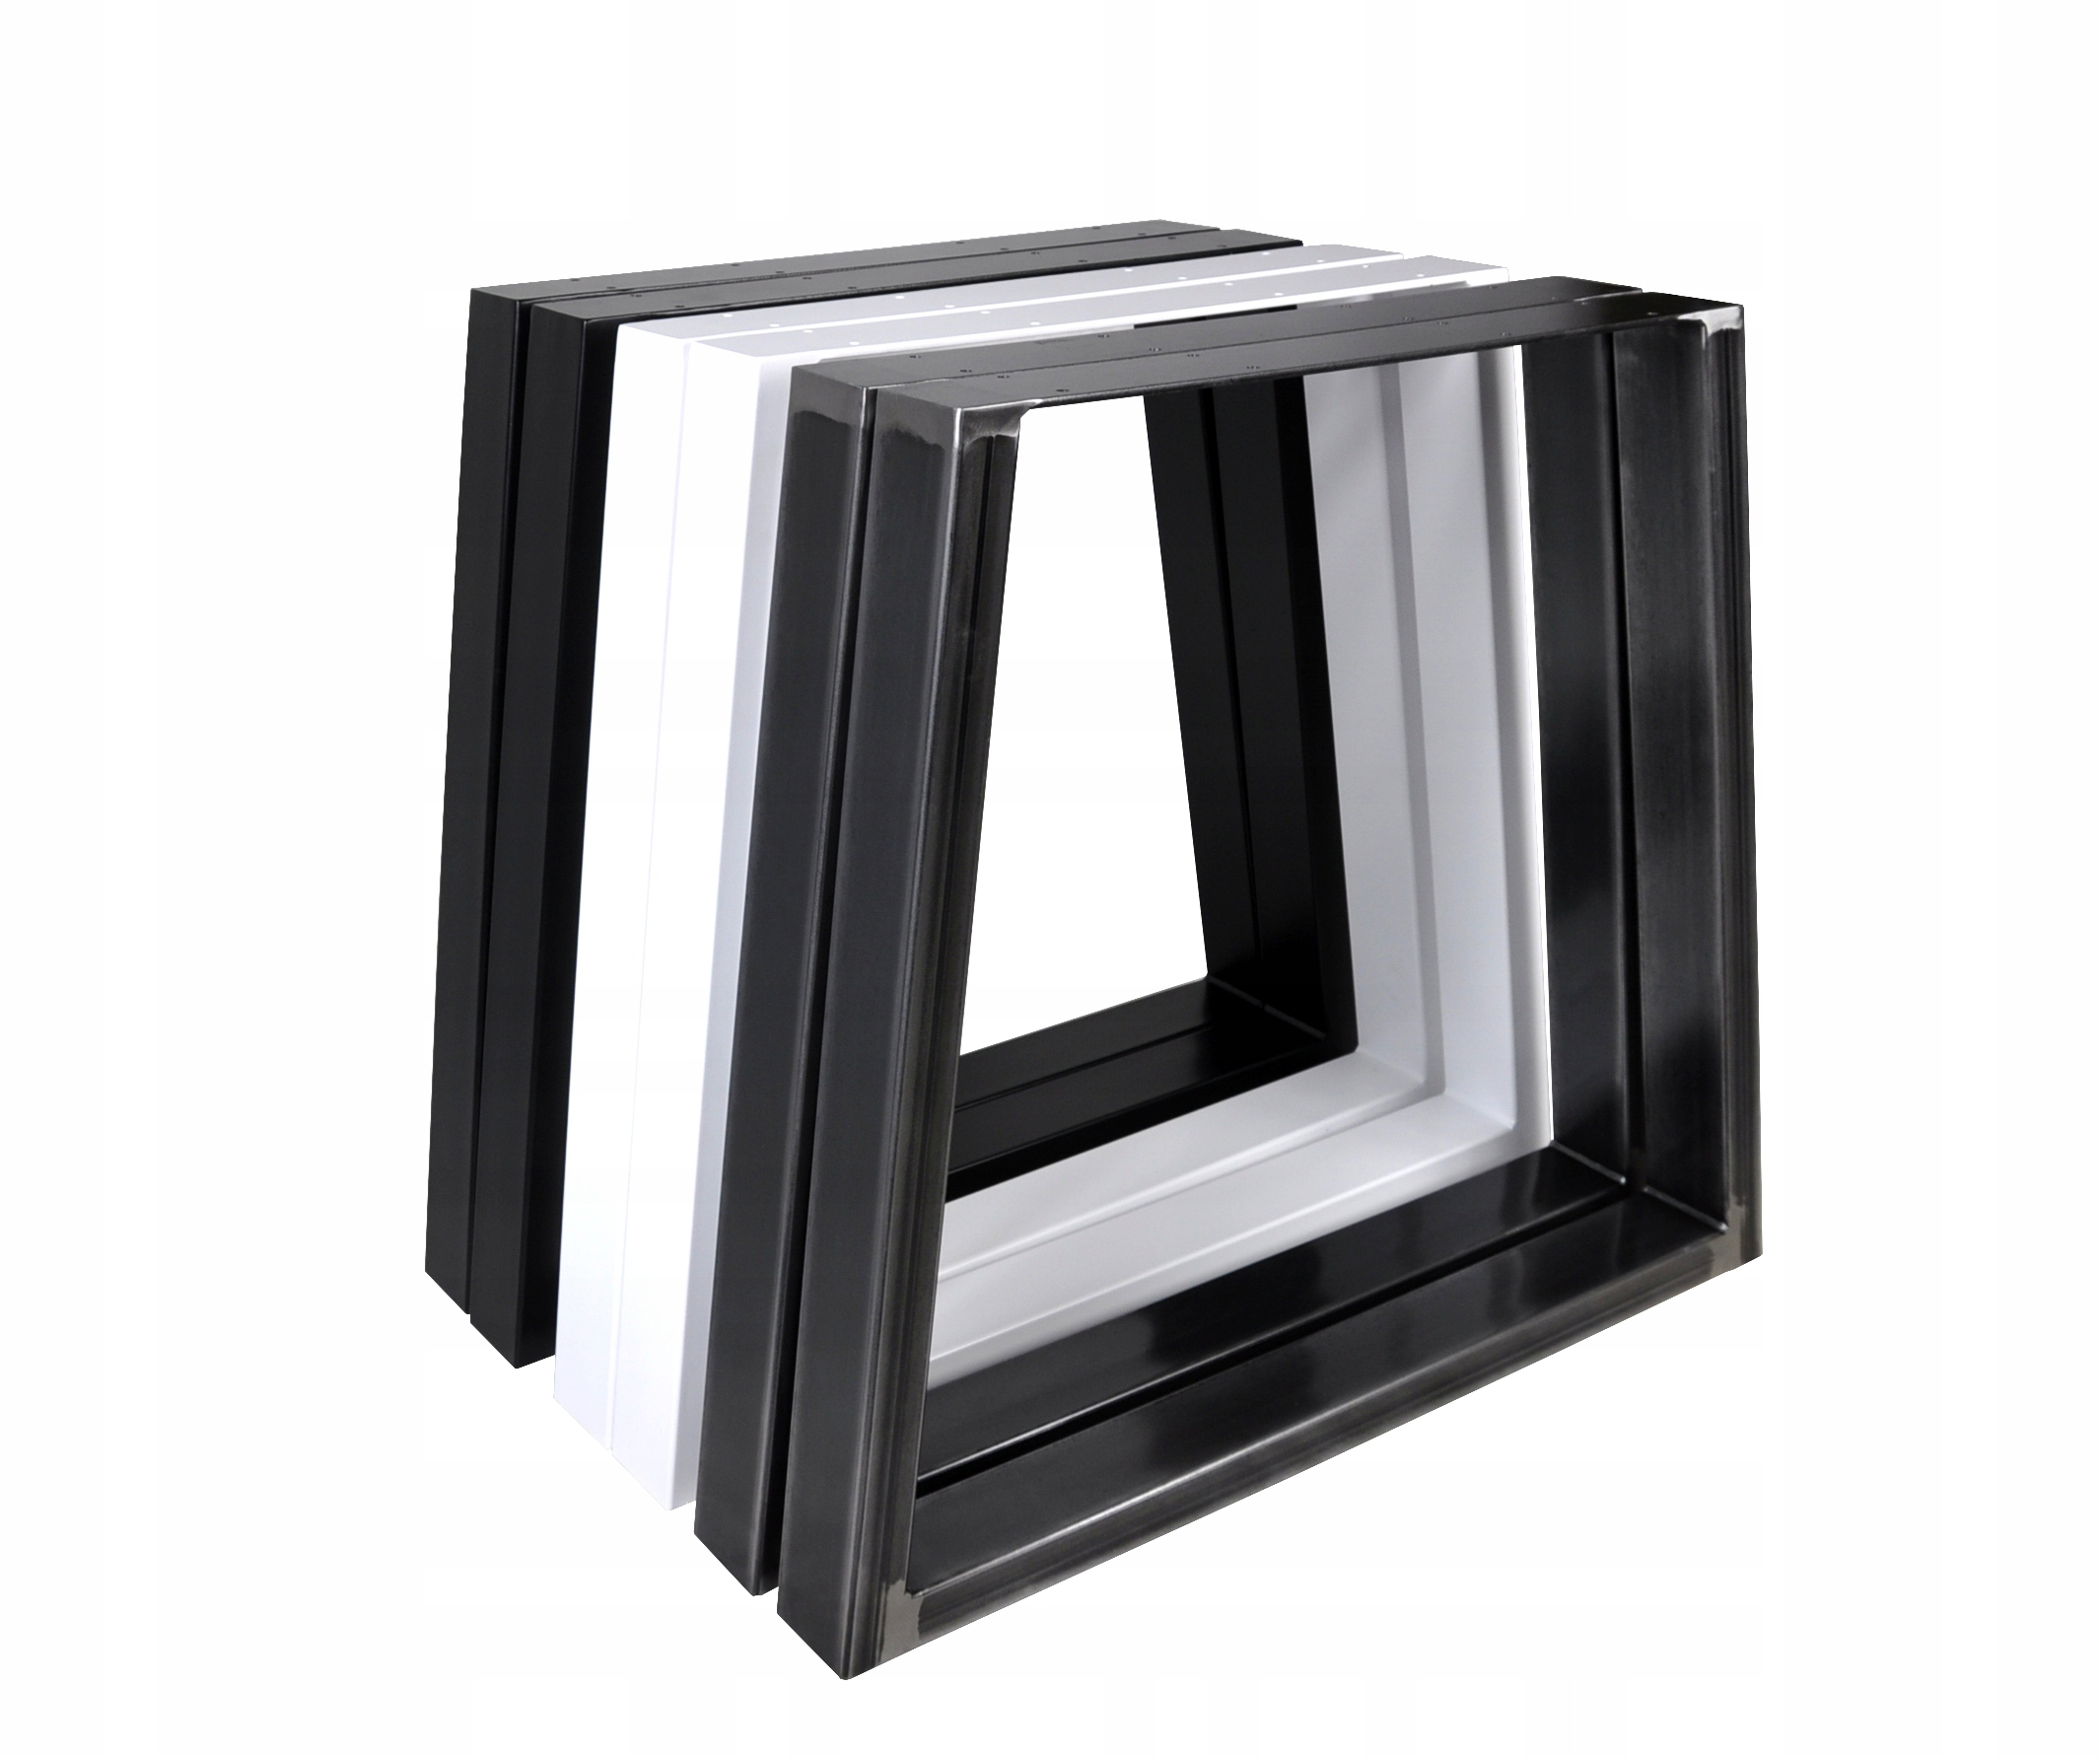 2 x kovové nohy pre stôl Trapezoid čierne